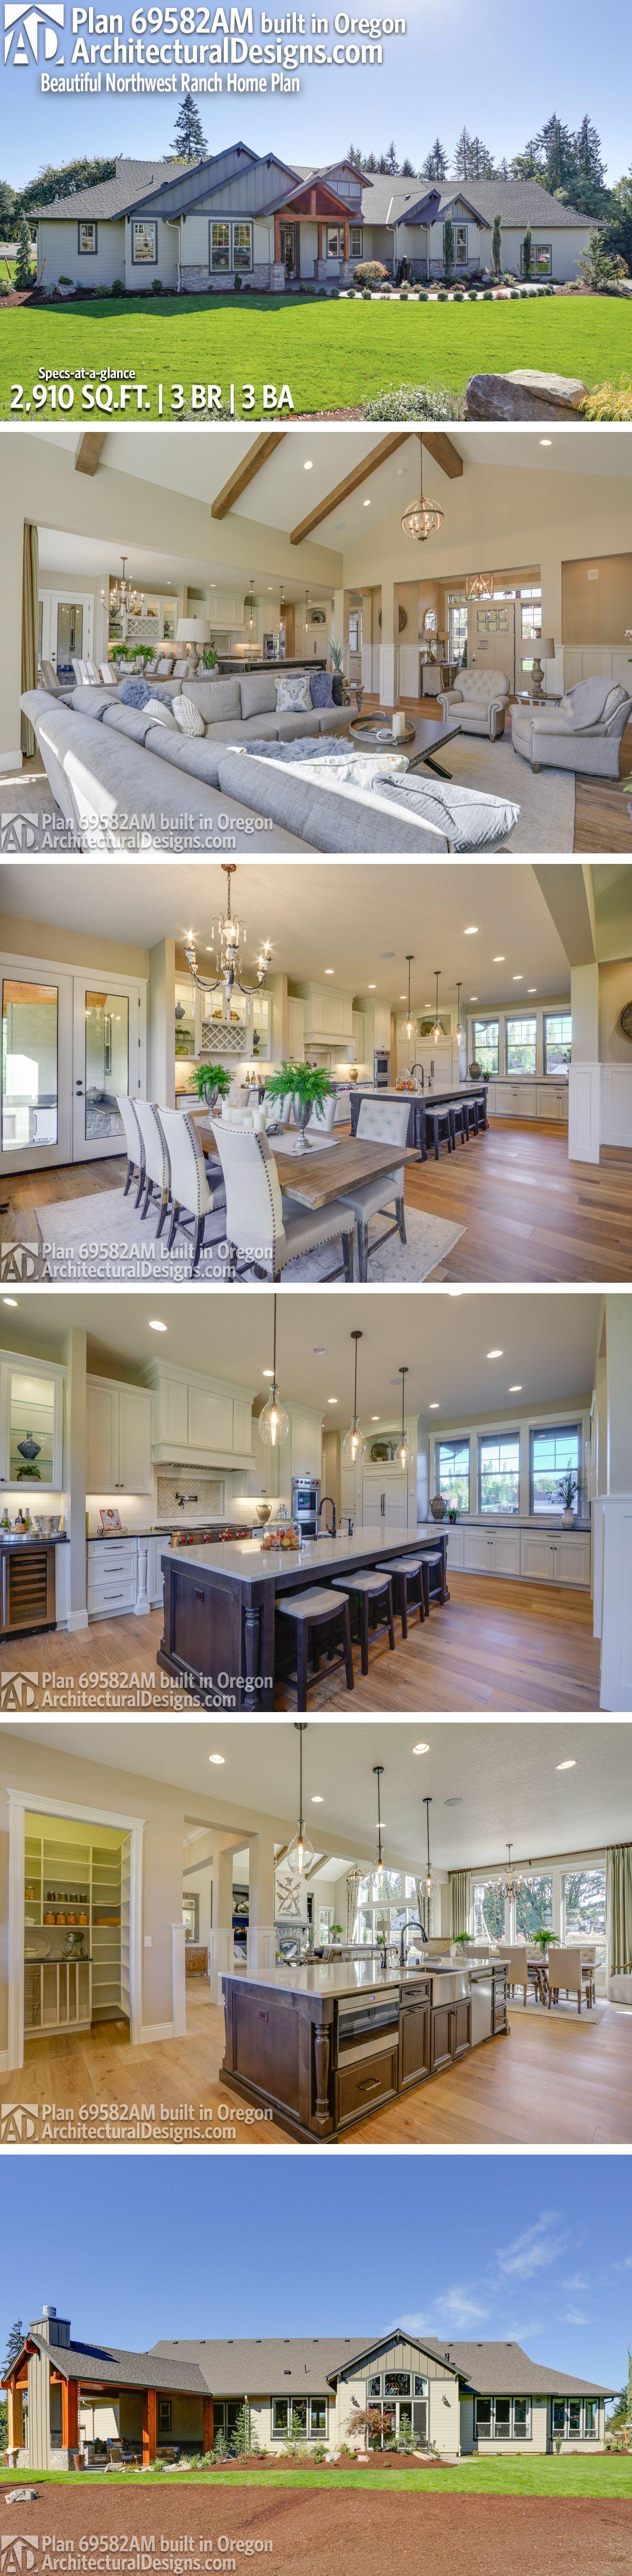 Marvelous Architectural Designs House Plan 69582AM Client Built In Oregon | 3 BR | 3  BA